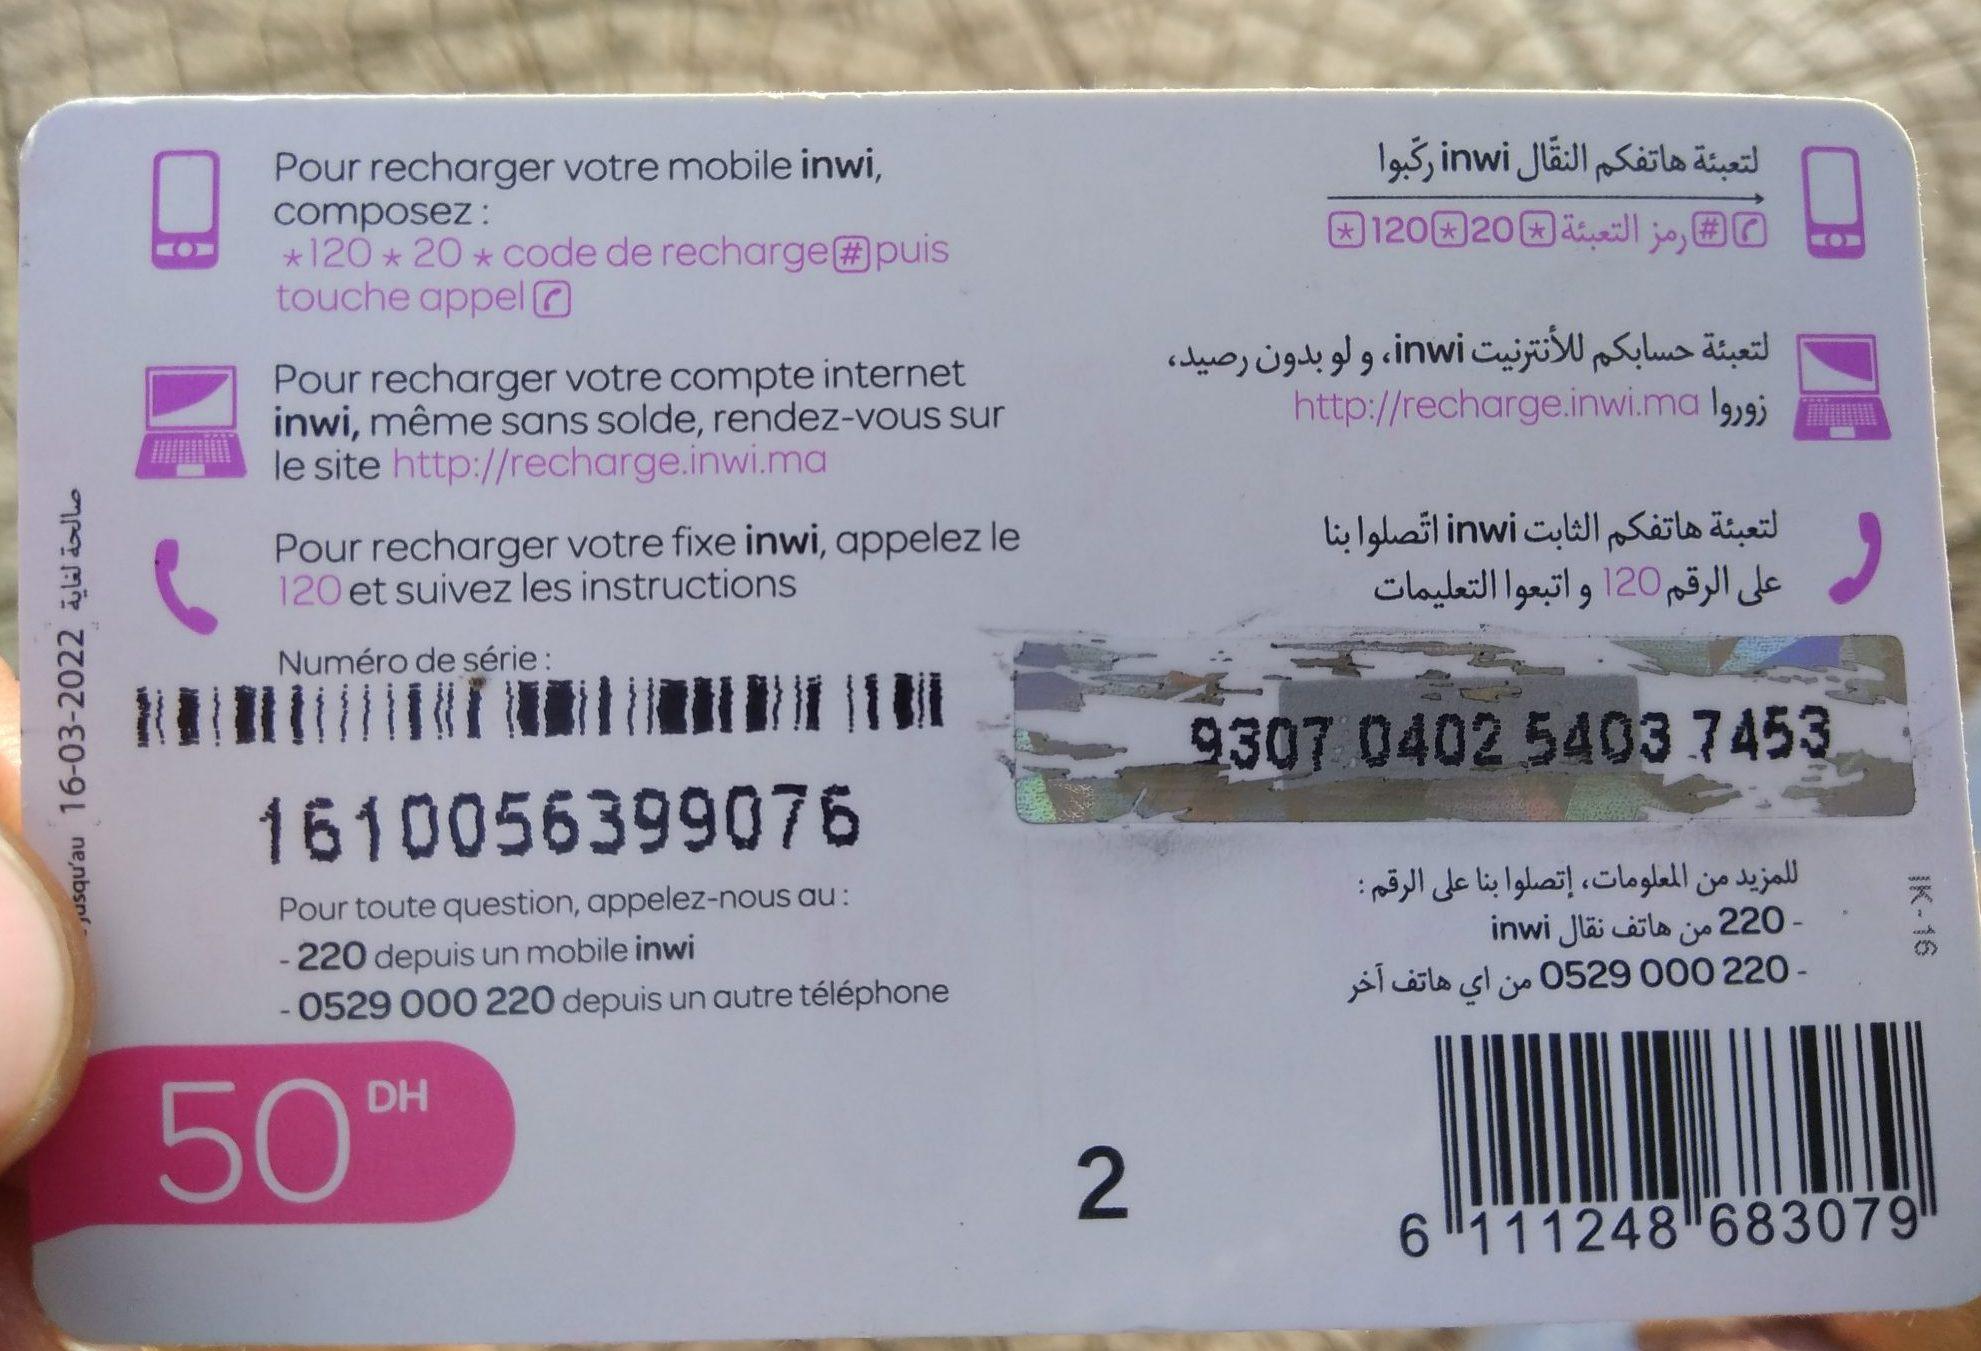 TARJETA SIM, MOVIL EN MARRUECOS. Antes de viajar a Marruecos - Pasaporte y Millas